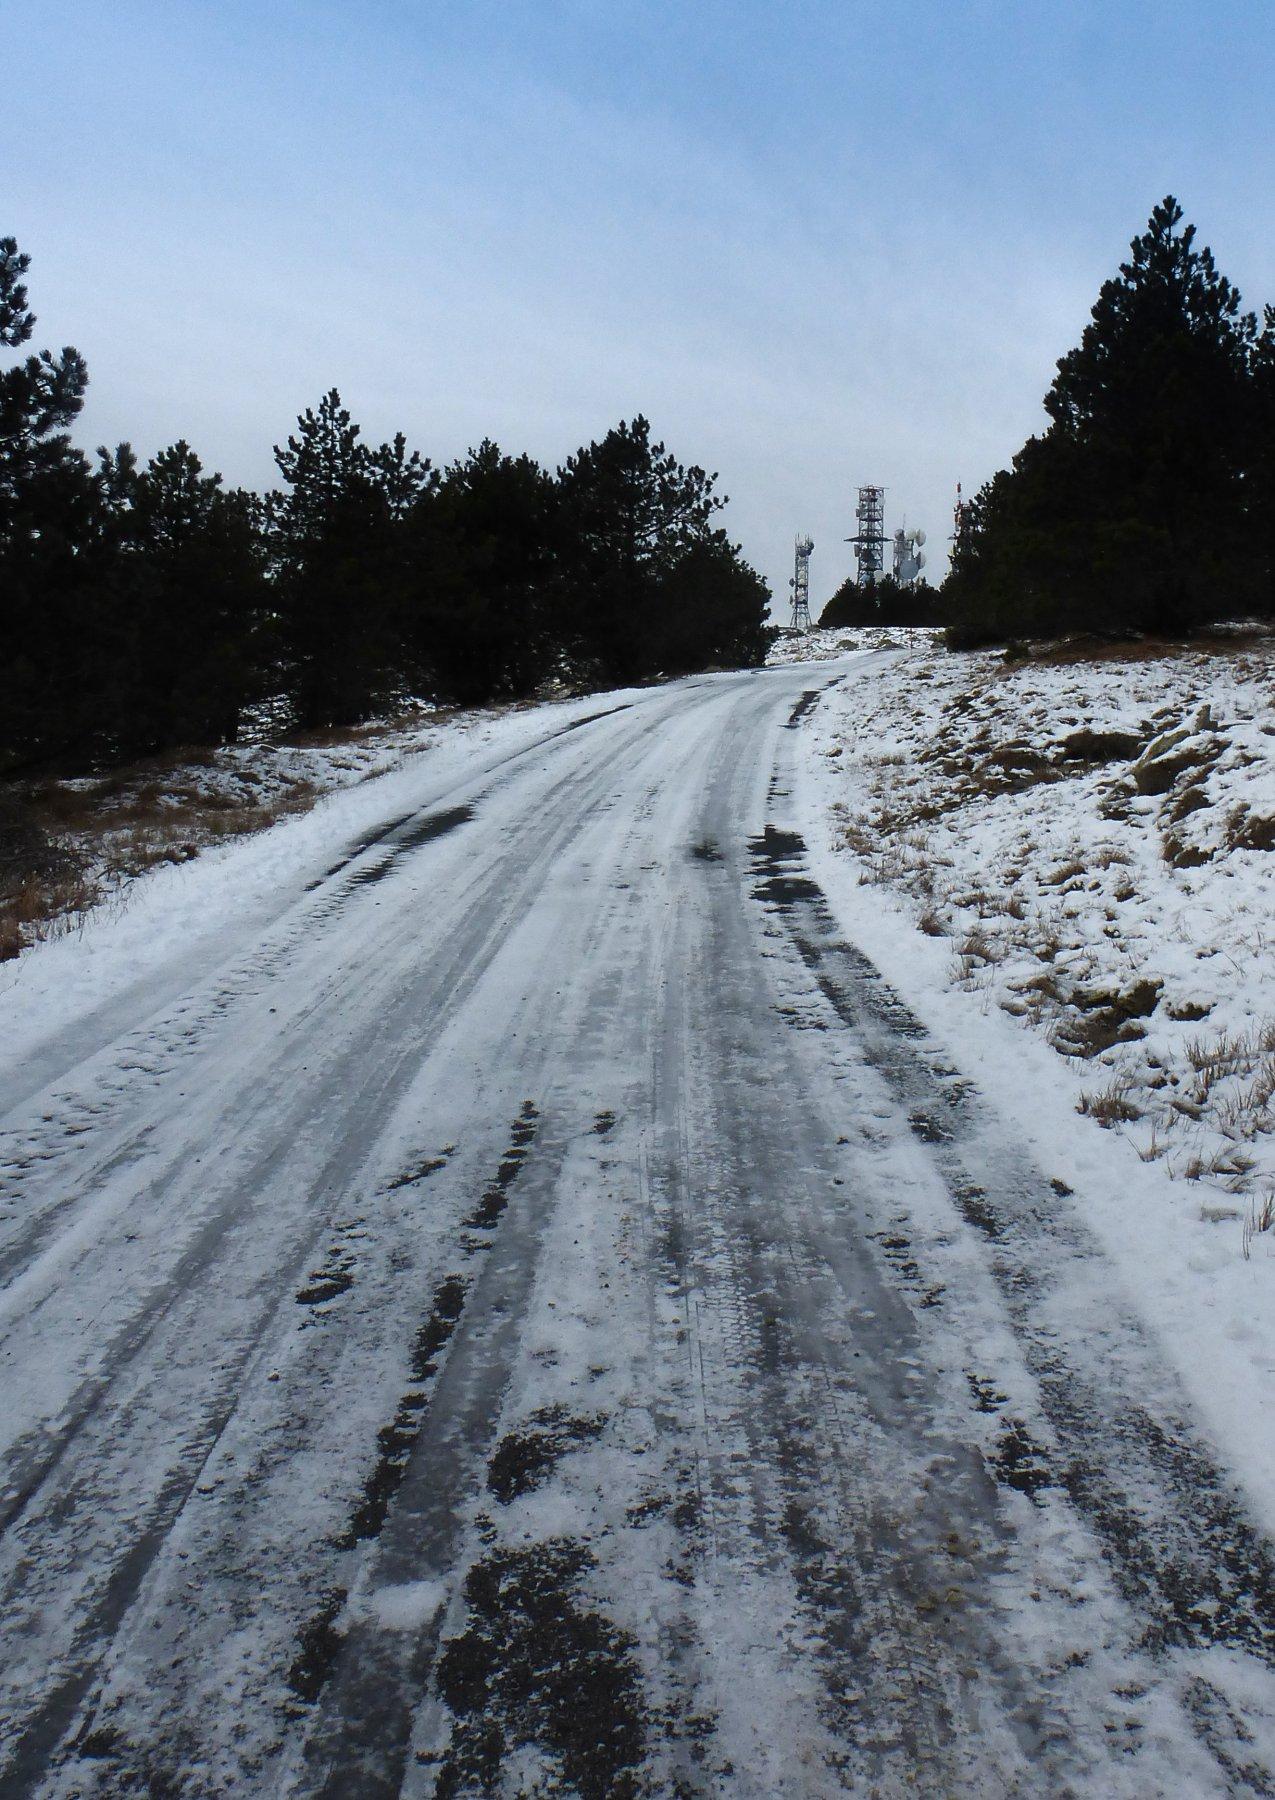 strada gelata